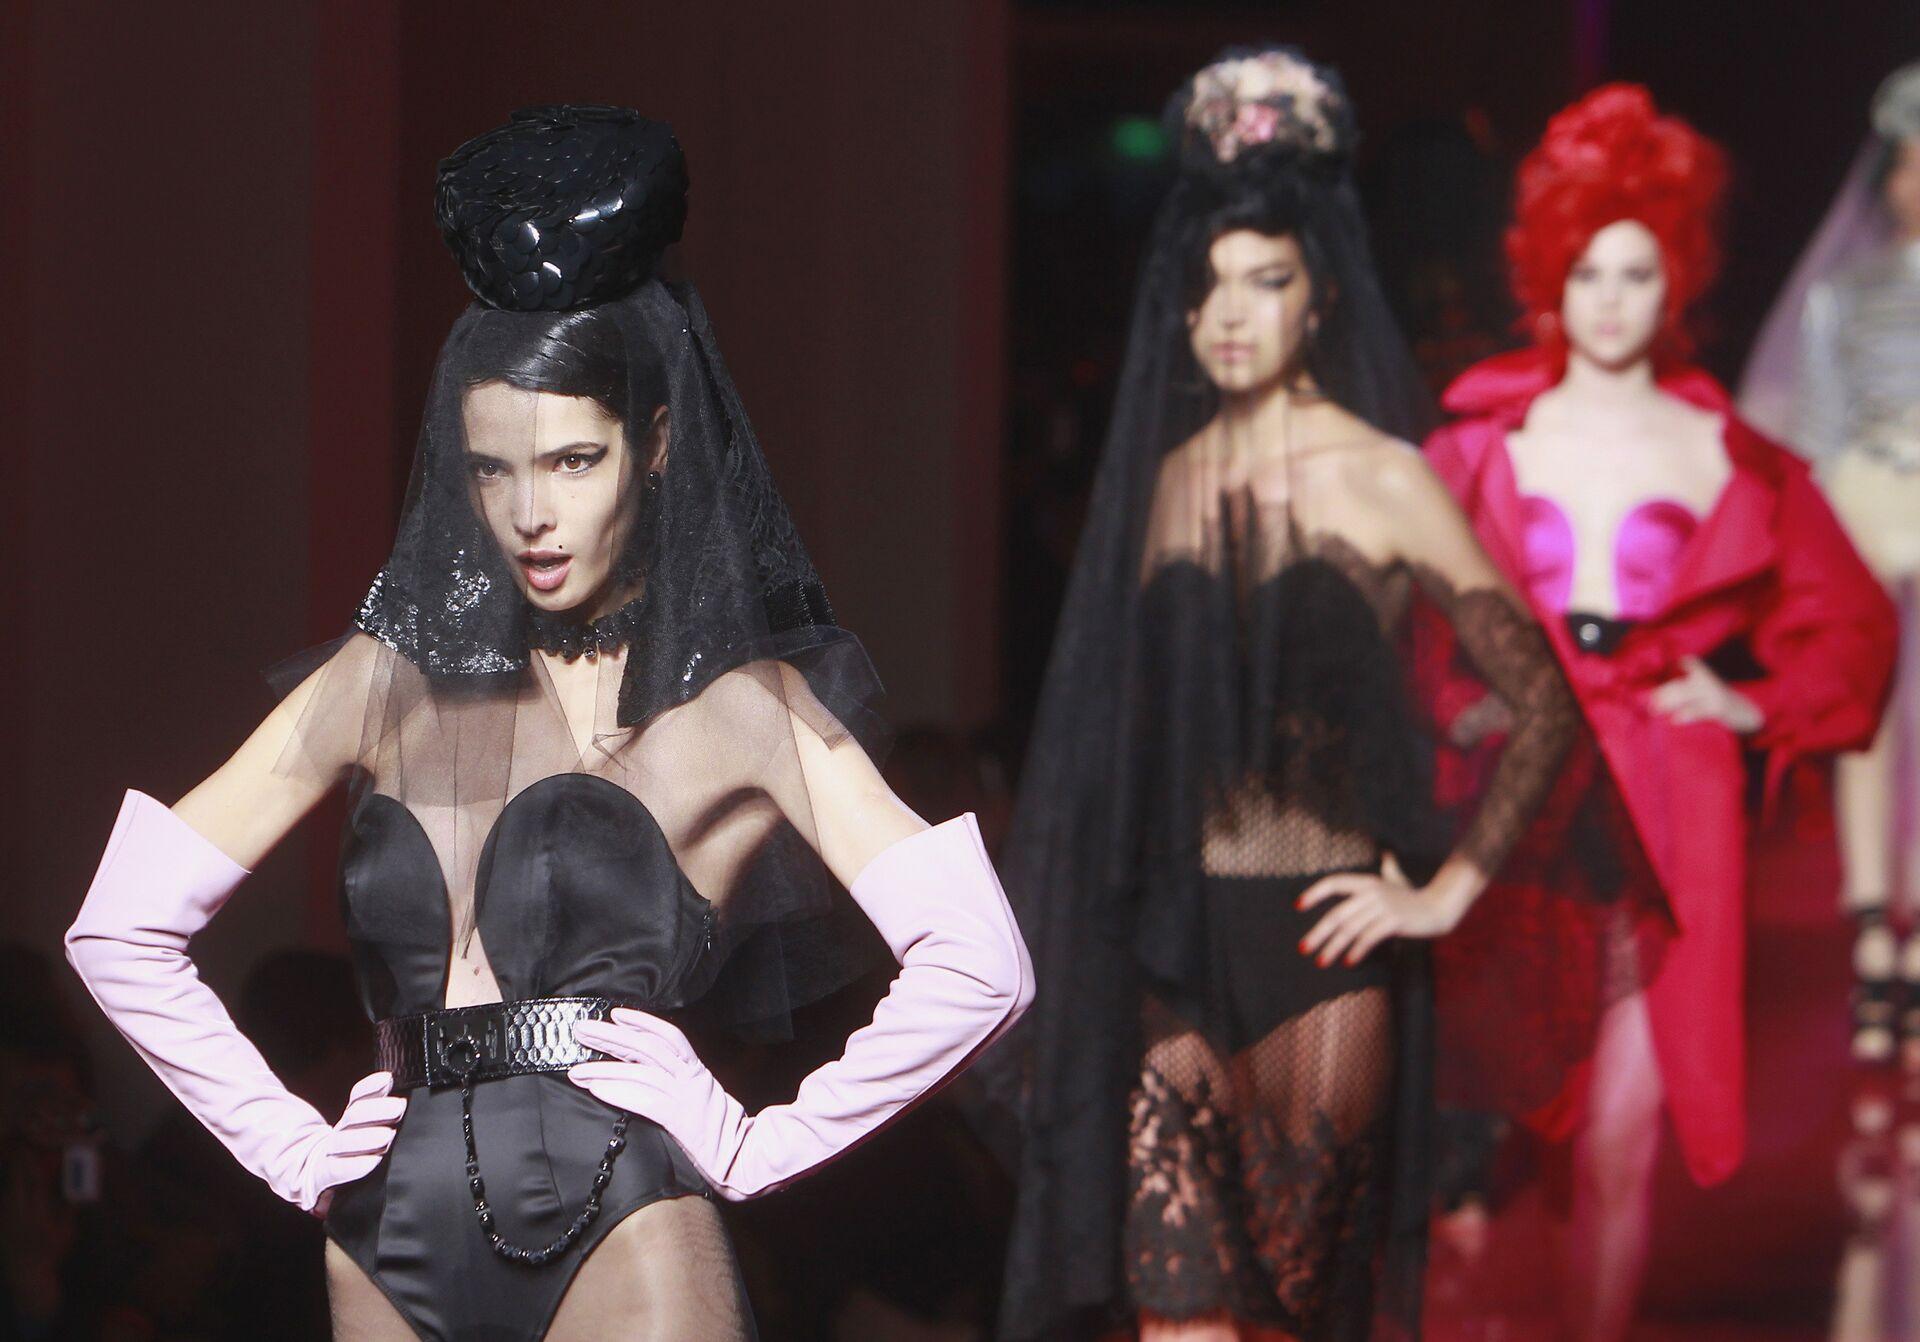 Модель во время показа коллекции Haute Couture посвященной певице Эми Уайнхаус, дизайнера Жана-Поля Готье. 2012 год - РИА Новости, 1920, 09.09.2020